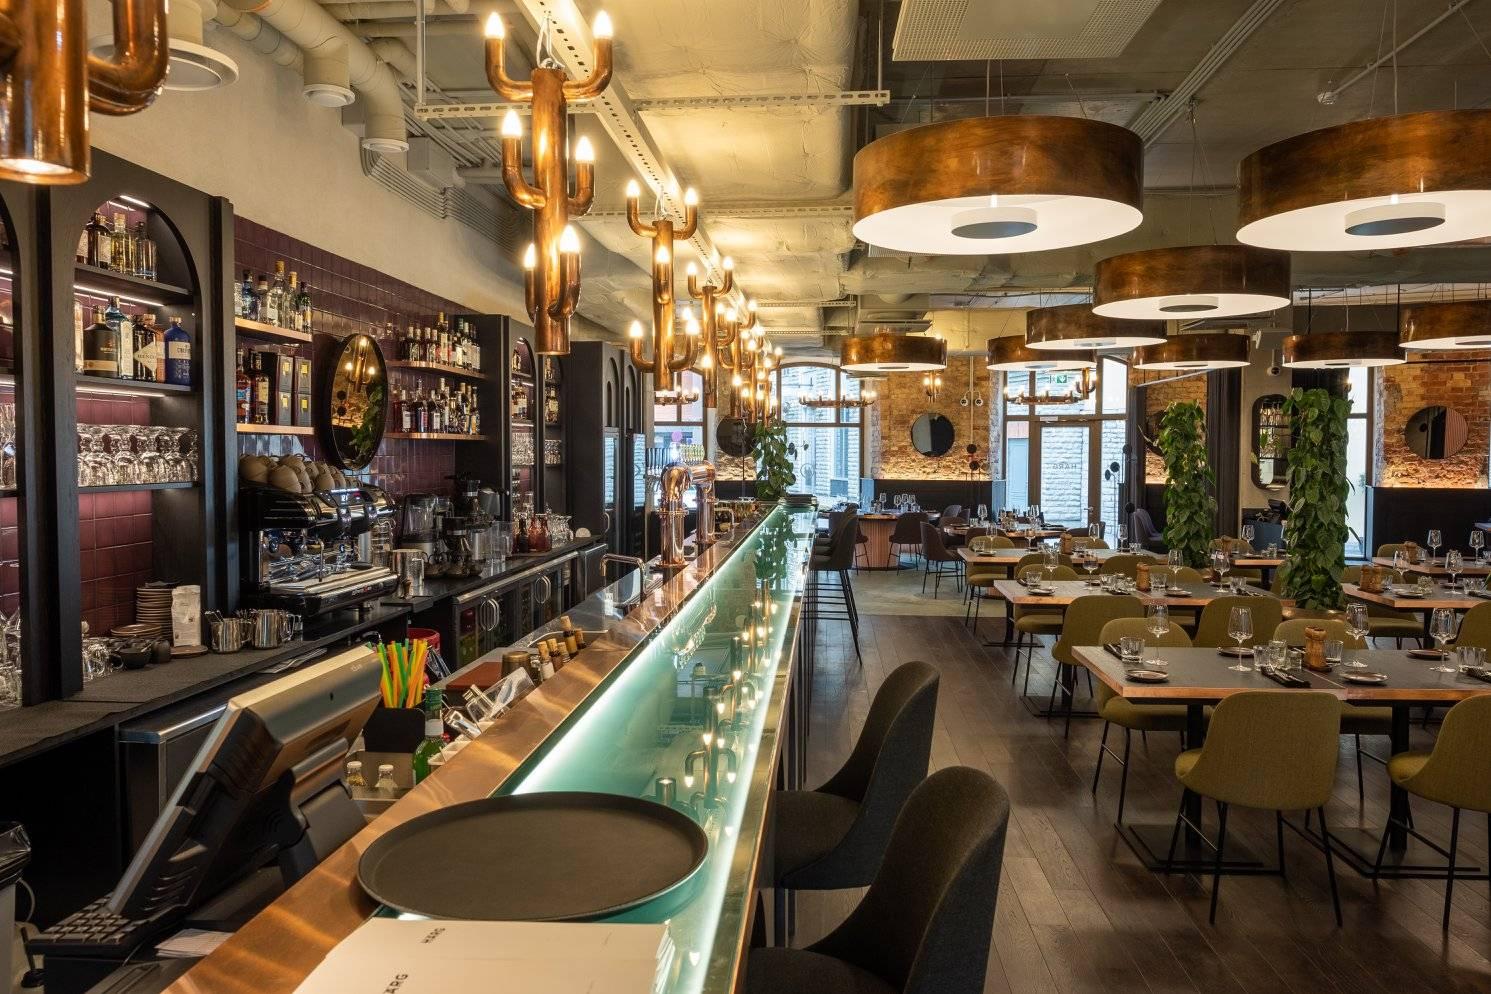 Vaade restorani Härg interjöörile, mis asub Tallinna kesklinnas, Eestis.